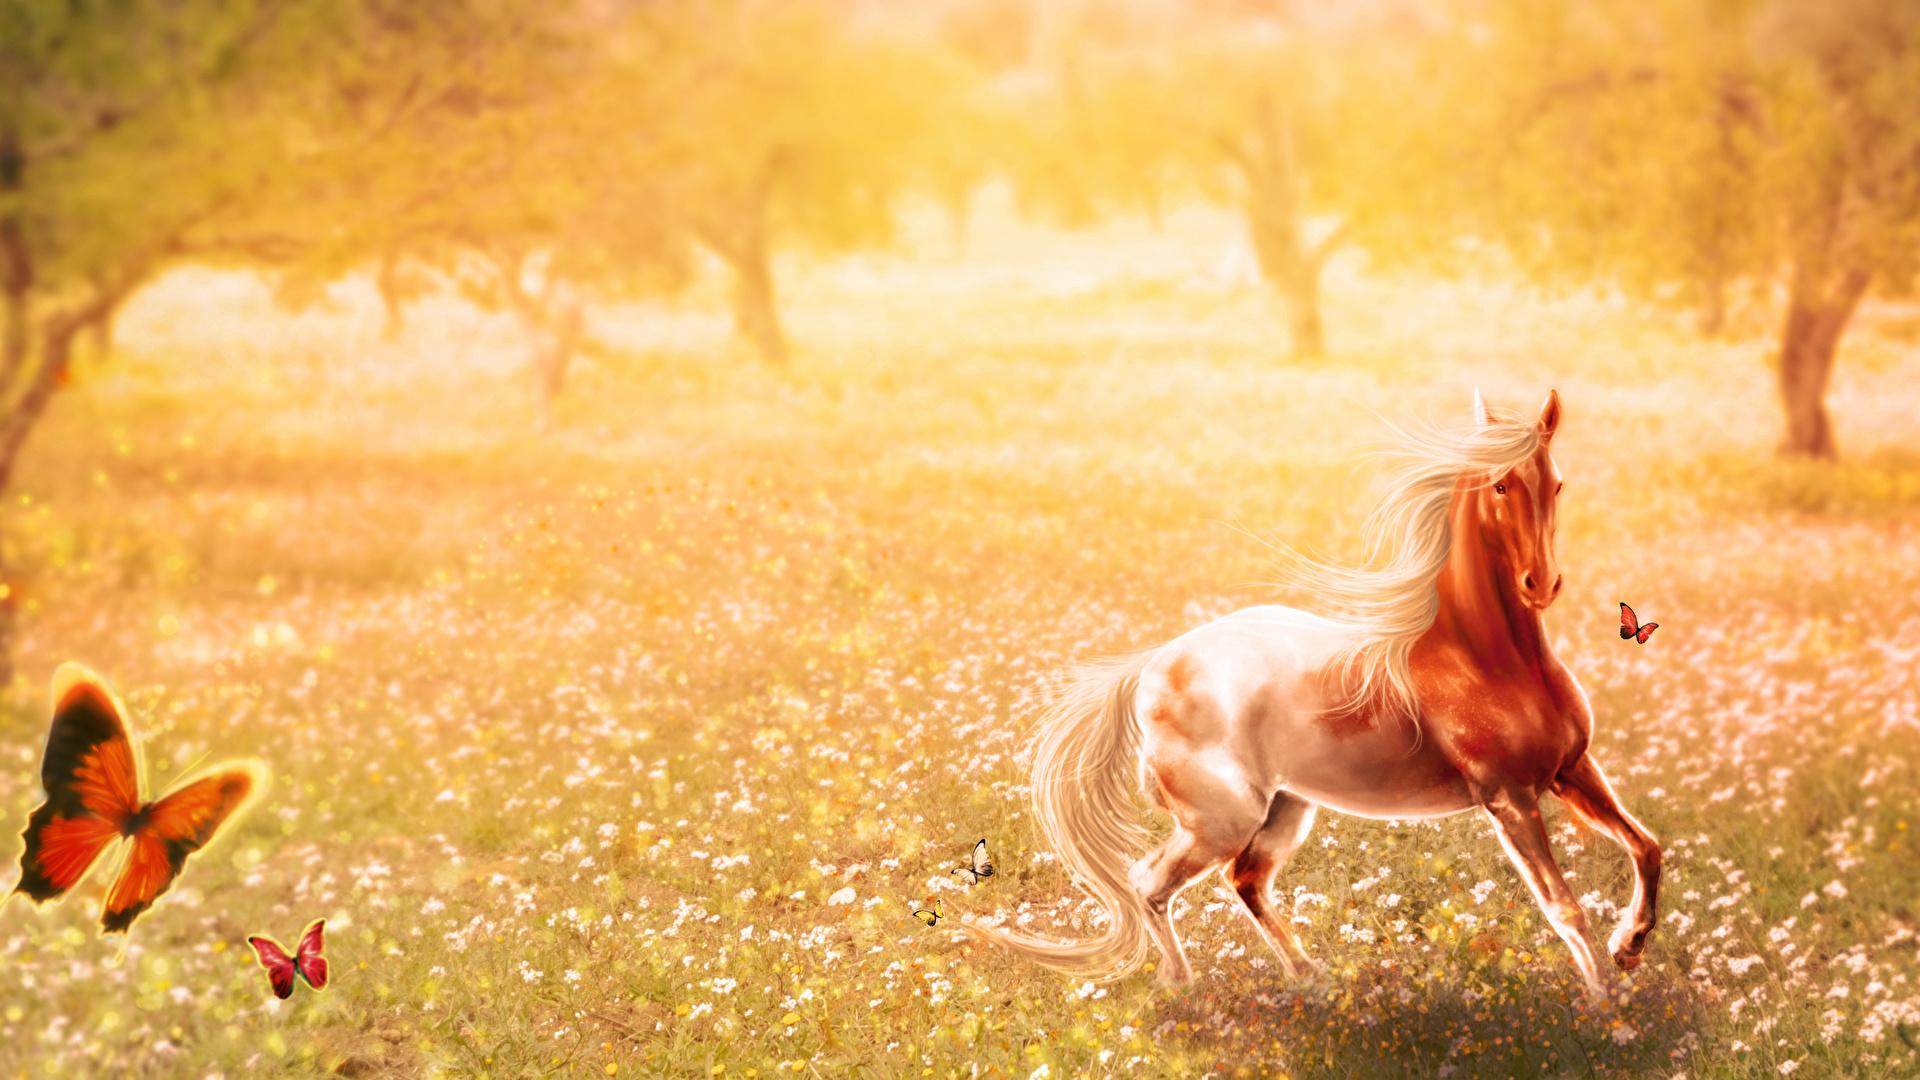 Фото лошадь Бабочки Луга Животные Рисованные 1920x1080 Лошади бабочка животное